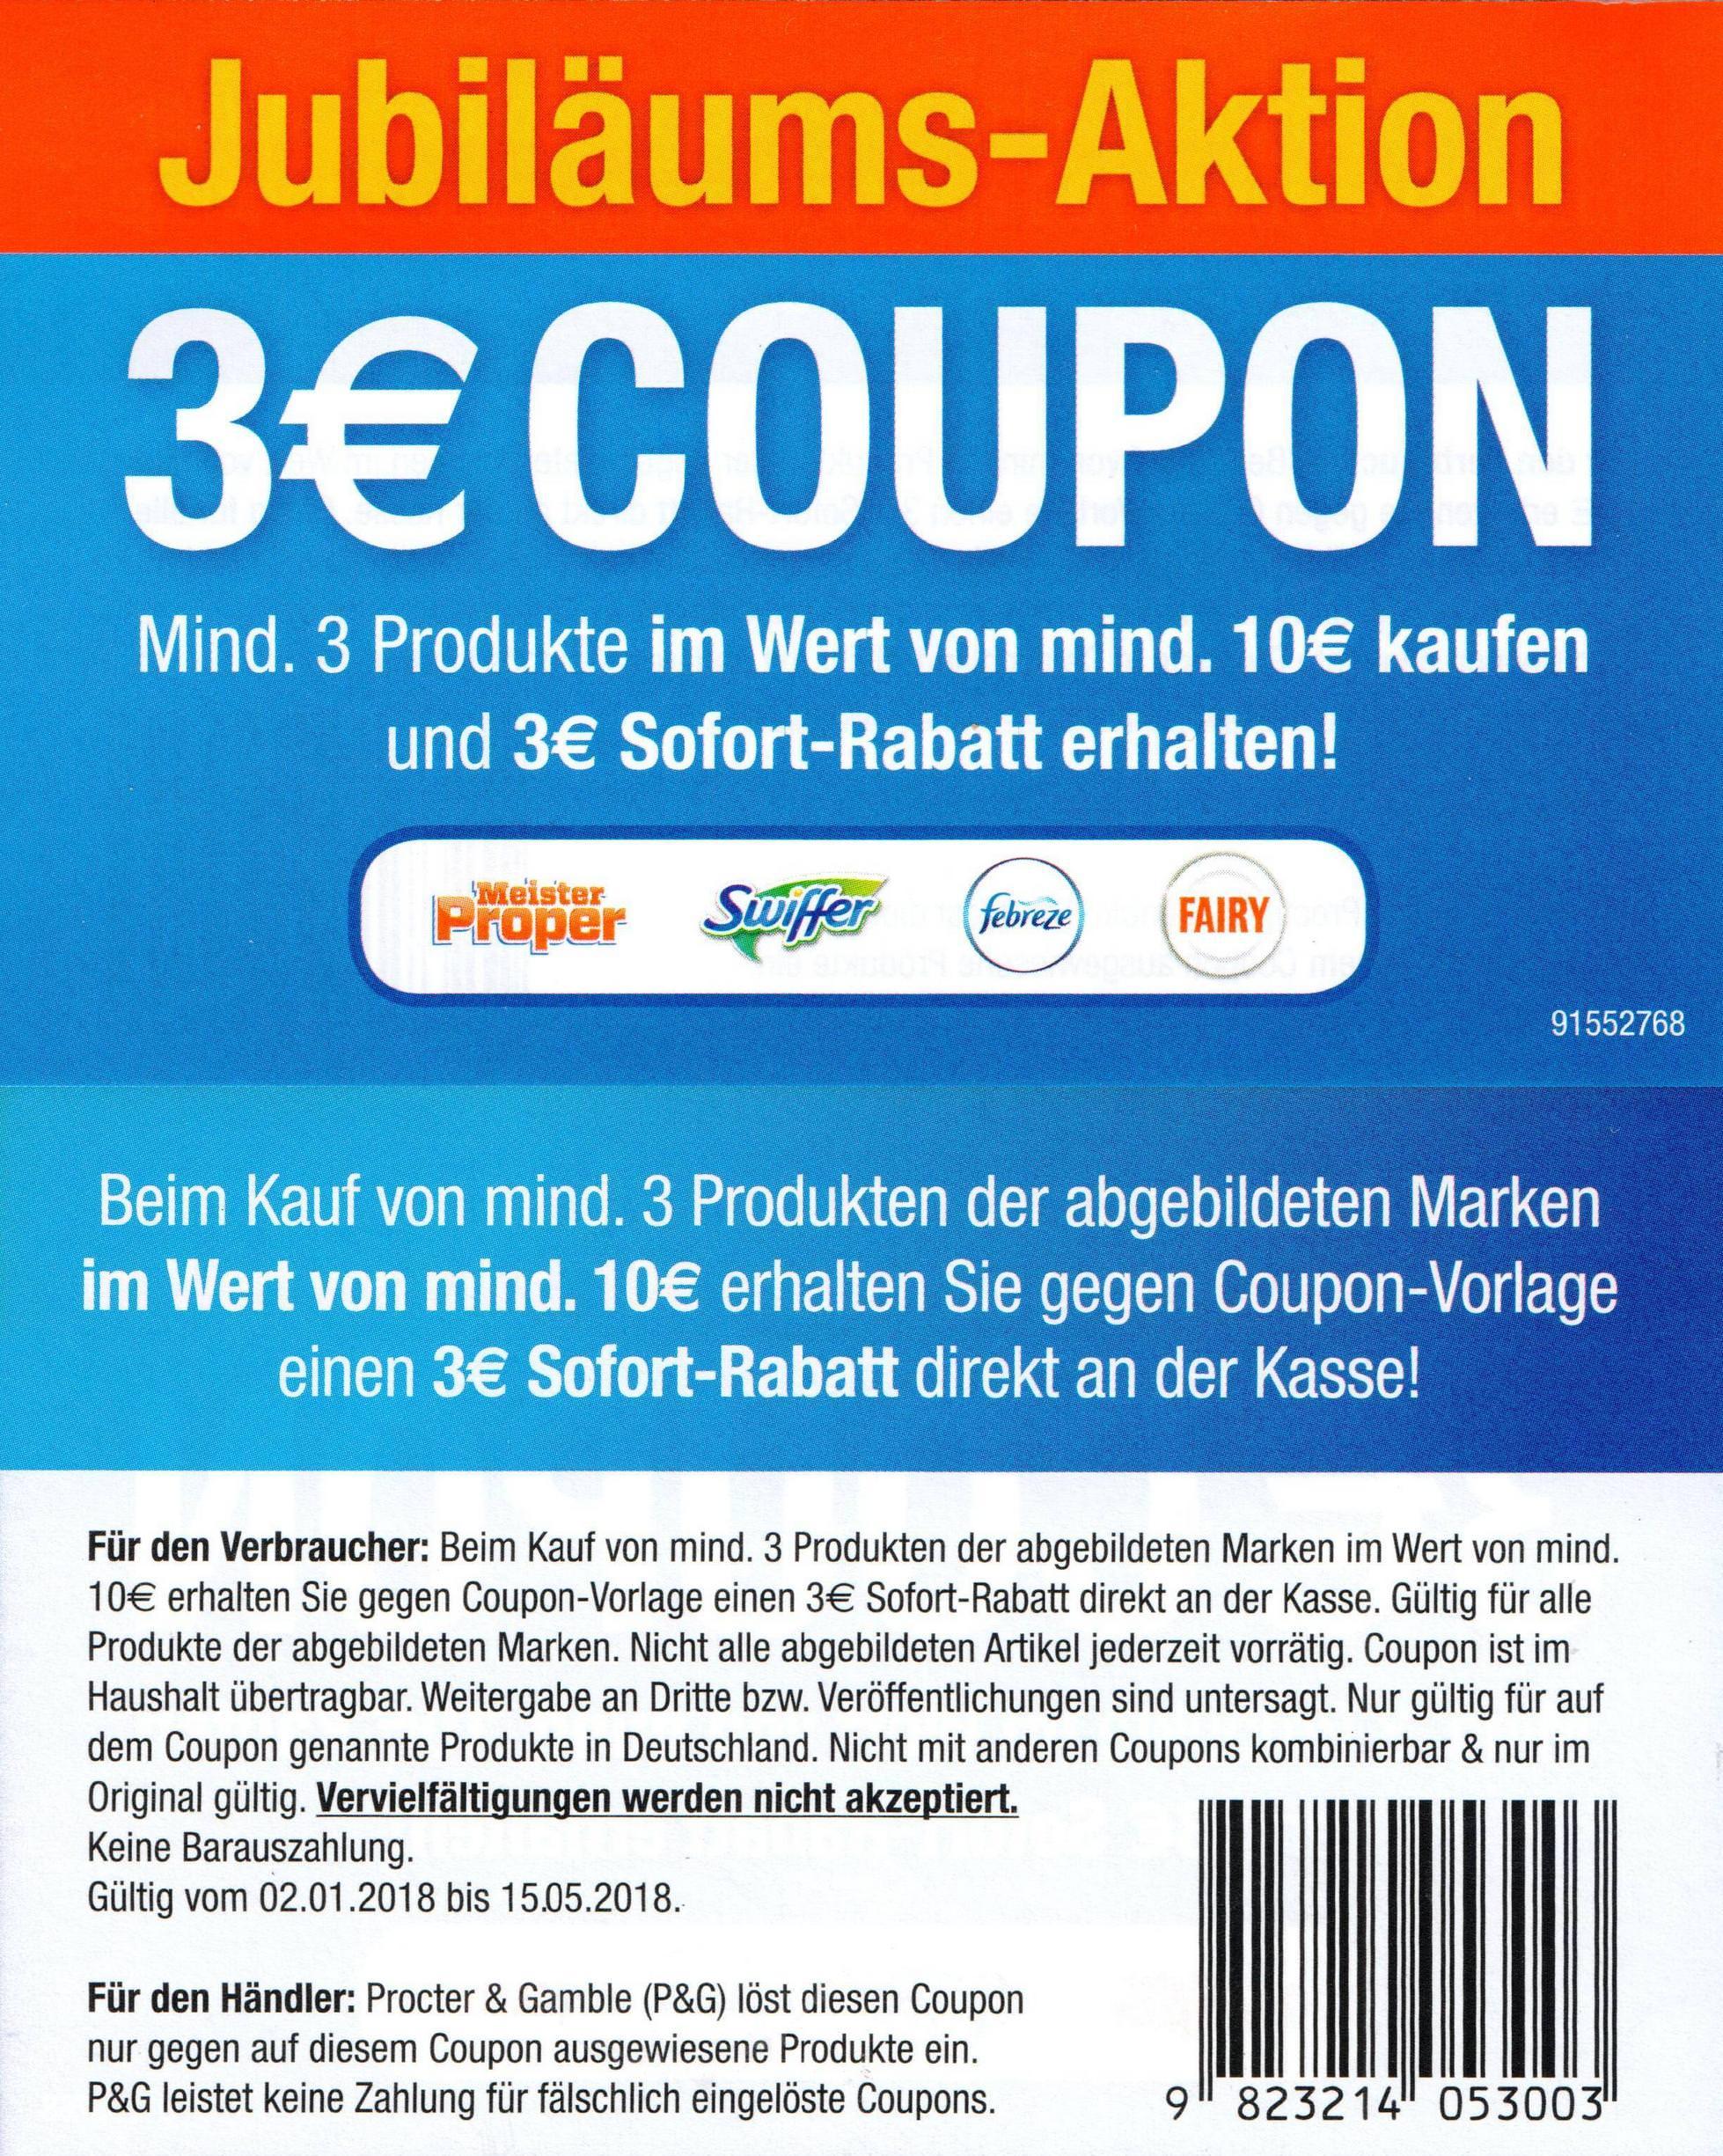 Neuer 3,00€ ab 10,00€ Coupon für Fairy / Febréze / Meister Proper & Swiffer bis 15.05.2018 [auch Real, Rewe, Edeka, Marktkauf, Rossmann usw.]